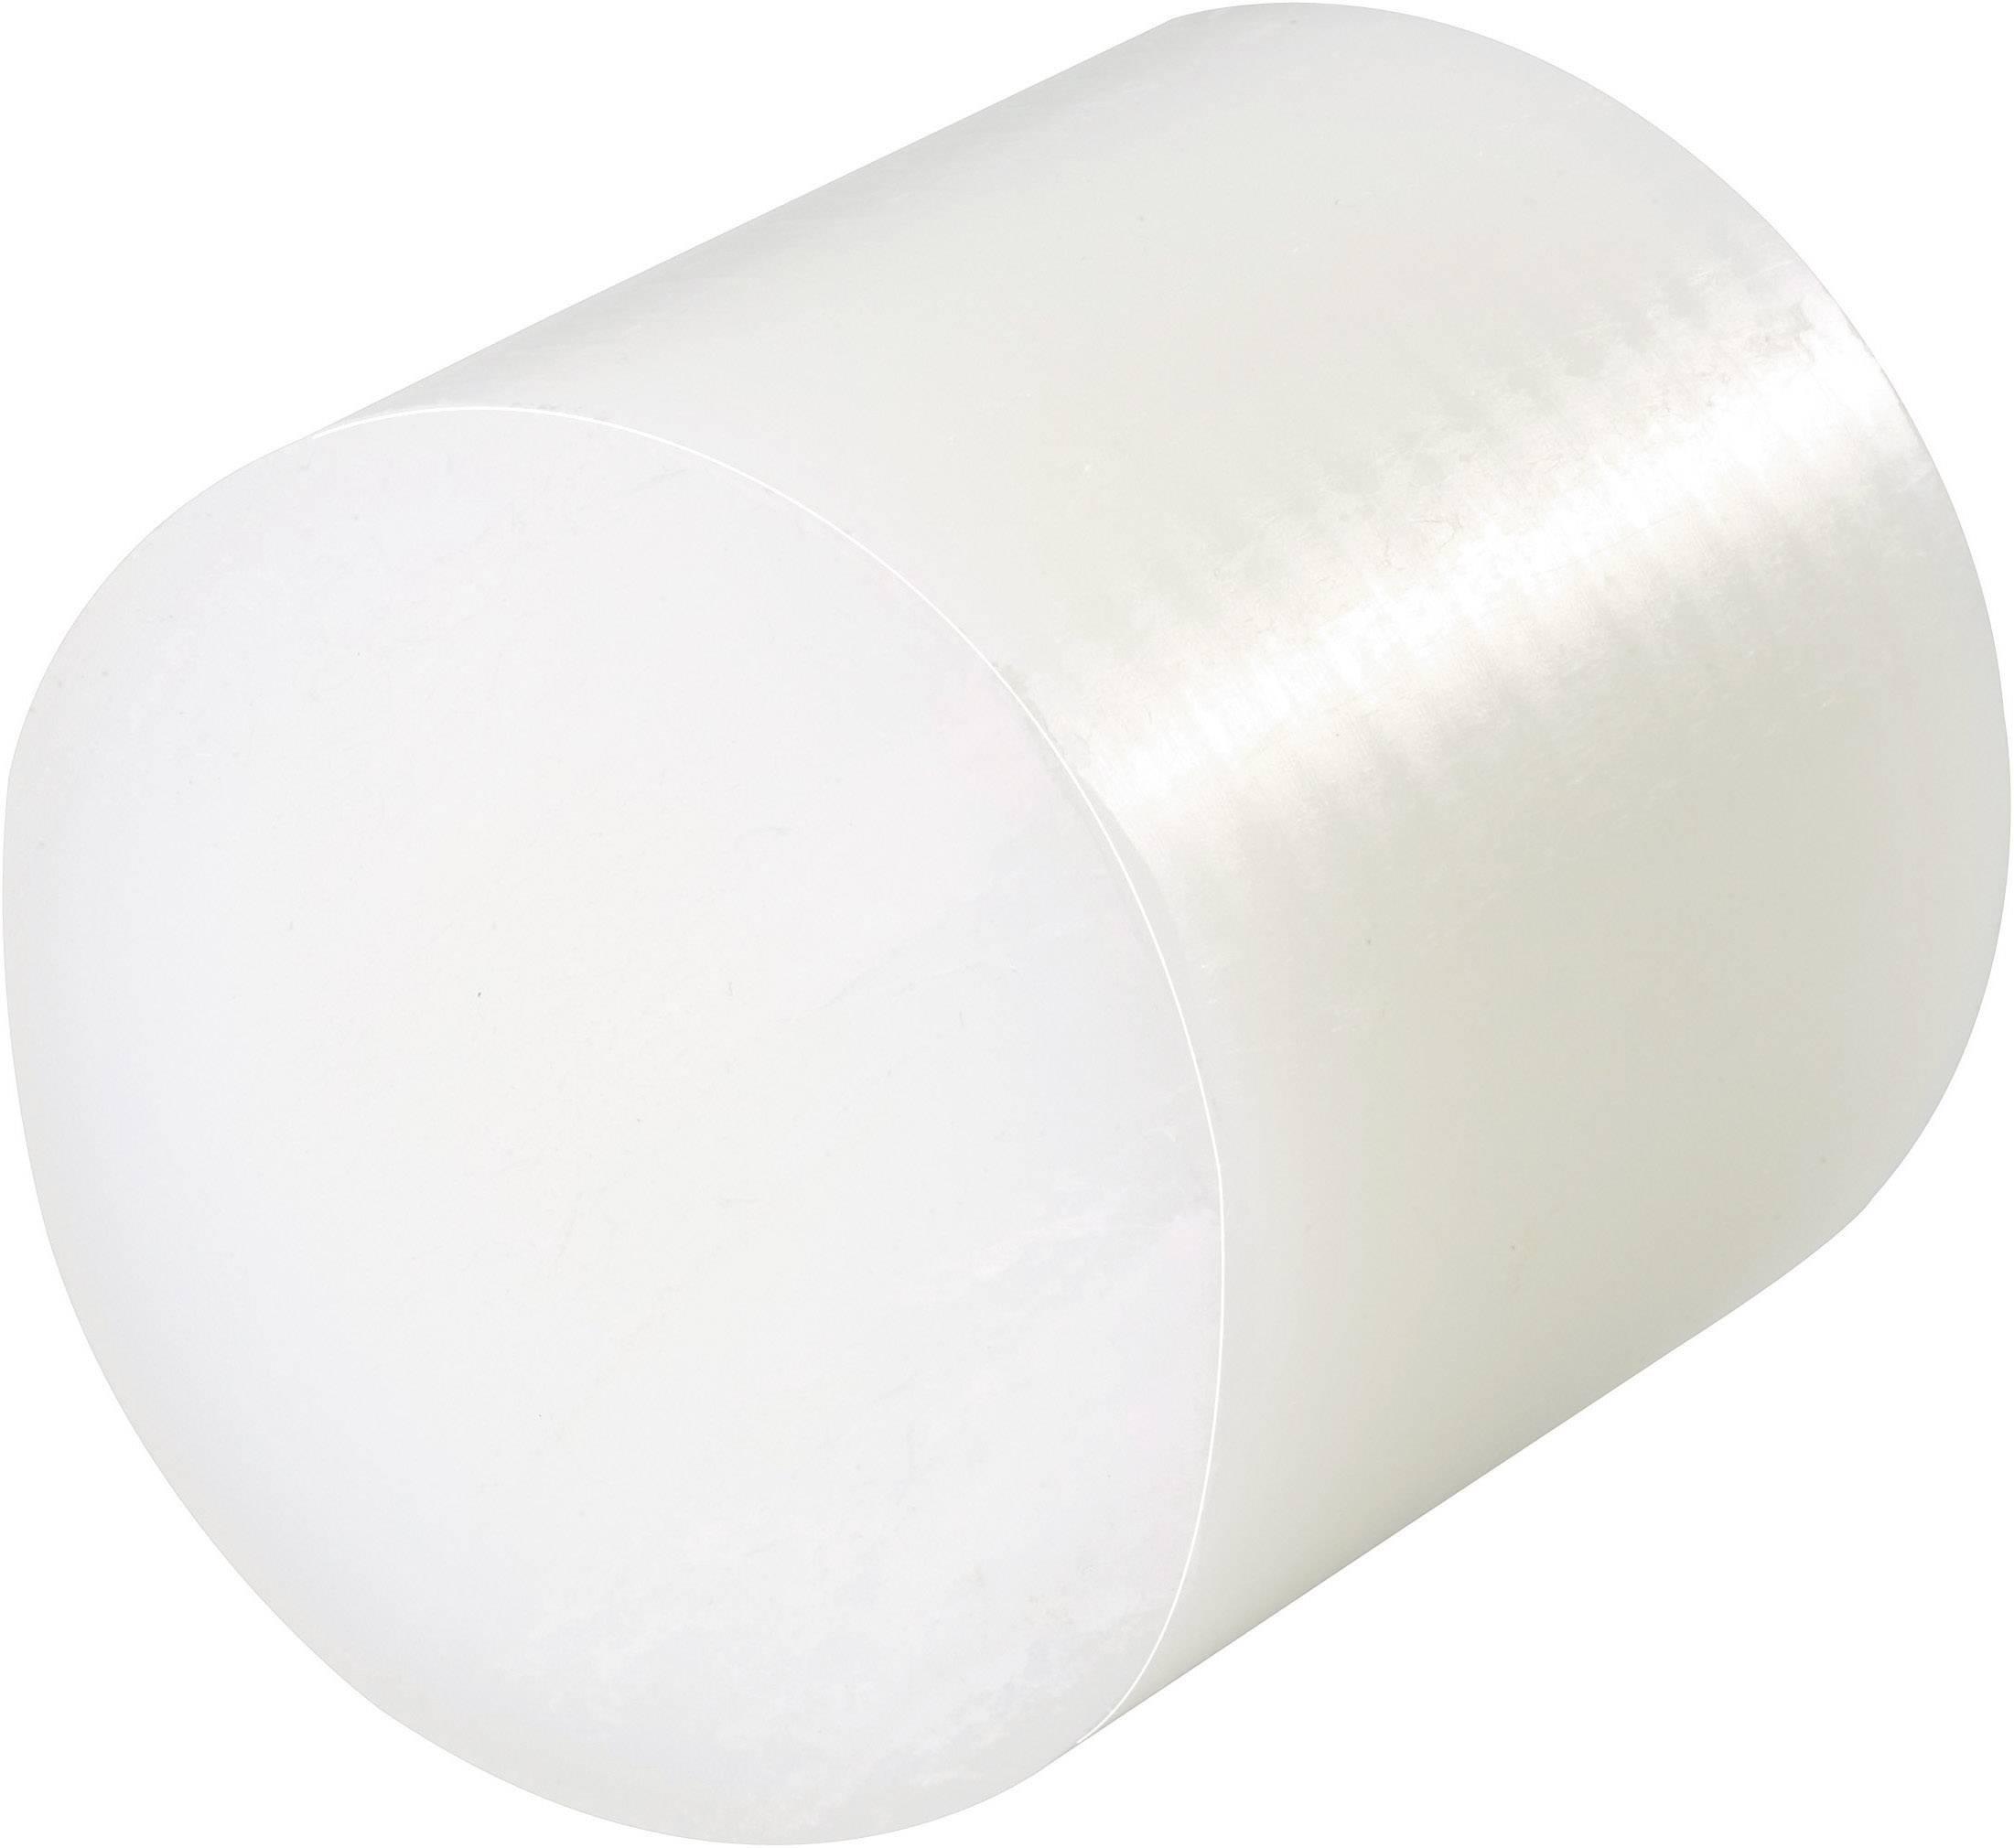 Tyčový profil Reely 230040, (Ø x d) 60 mm x 60 mm, polyamid